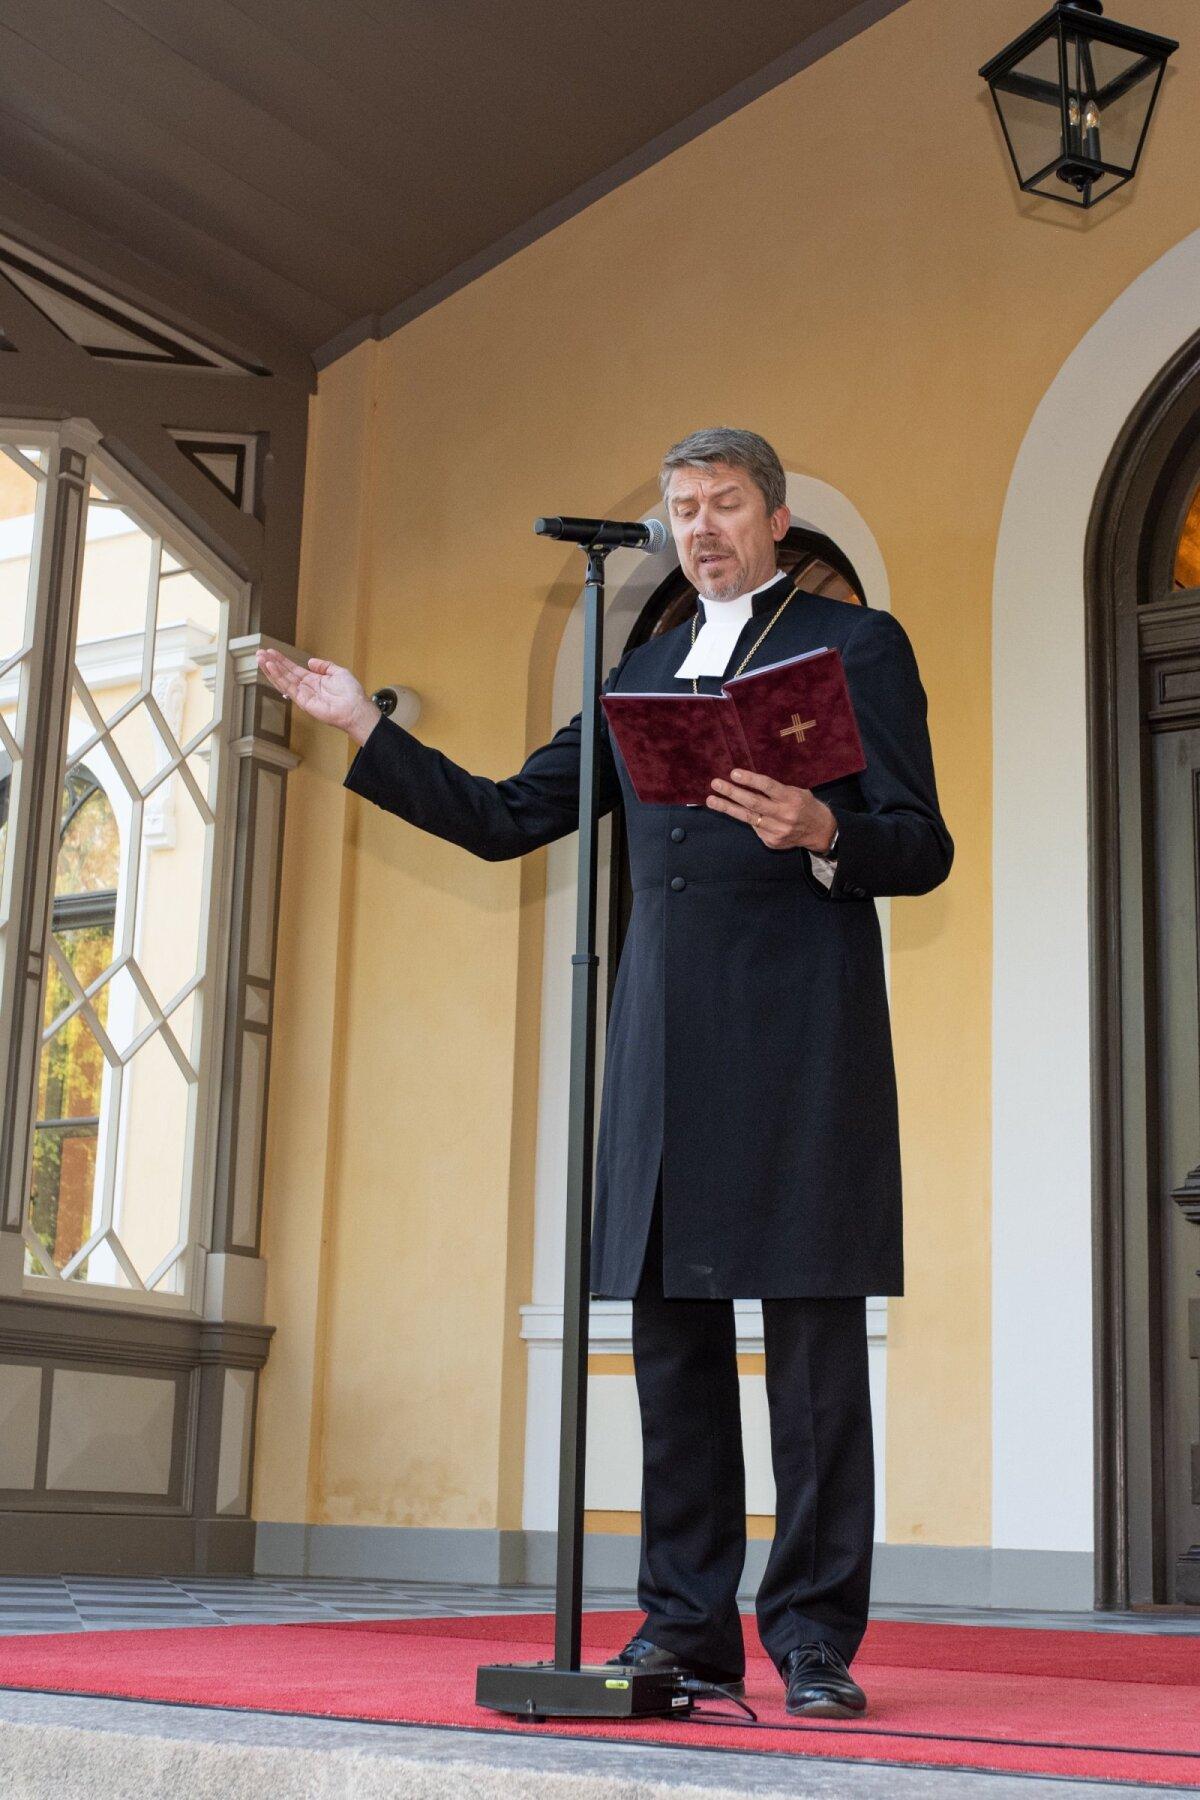 ÕNNISTATUD Veel enne, kui kontsertettekandelt naasnud külalised Schloss Fellinisse sisenesid, õnnistas selle jumalasõnaga sisse peapiiskop Urmas Viilma isiklikult.